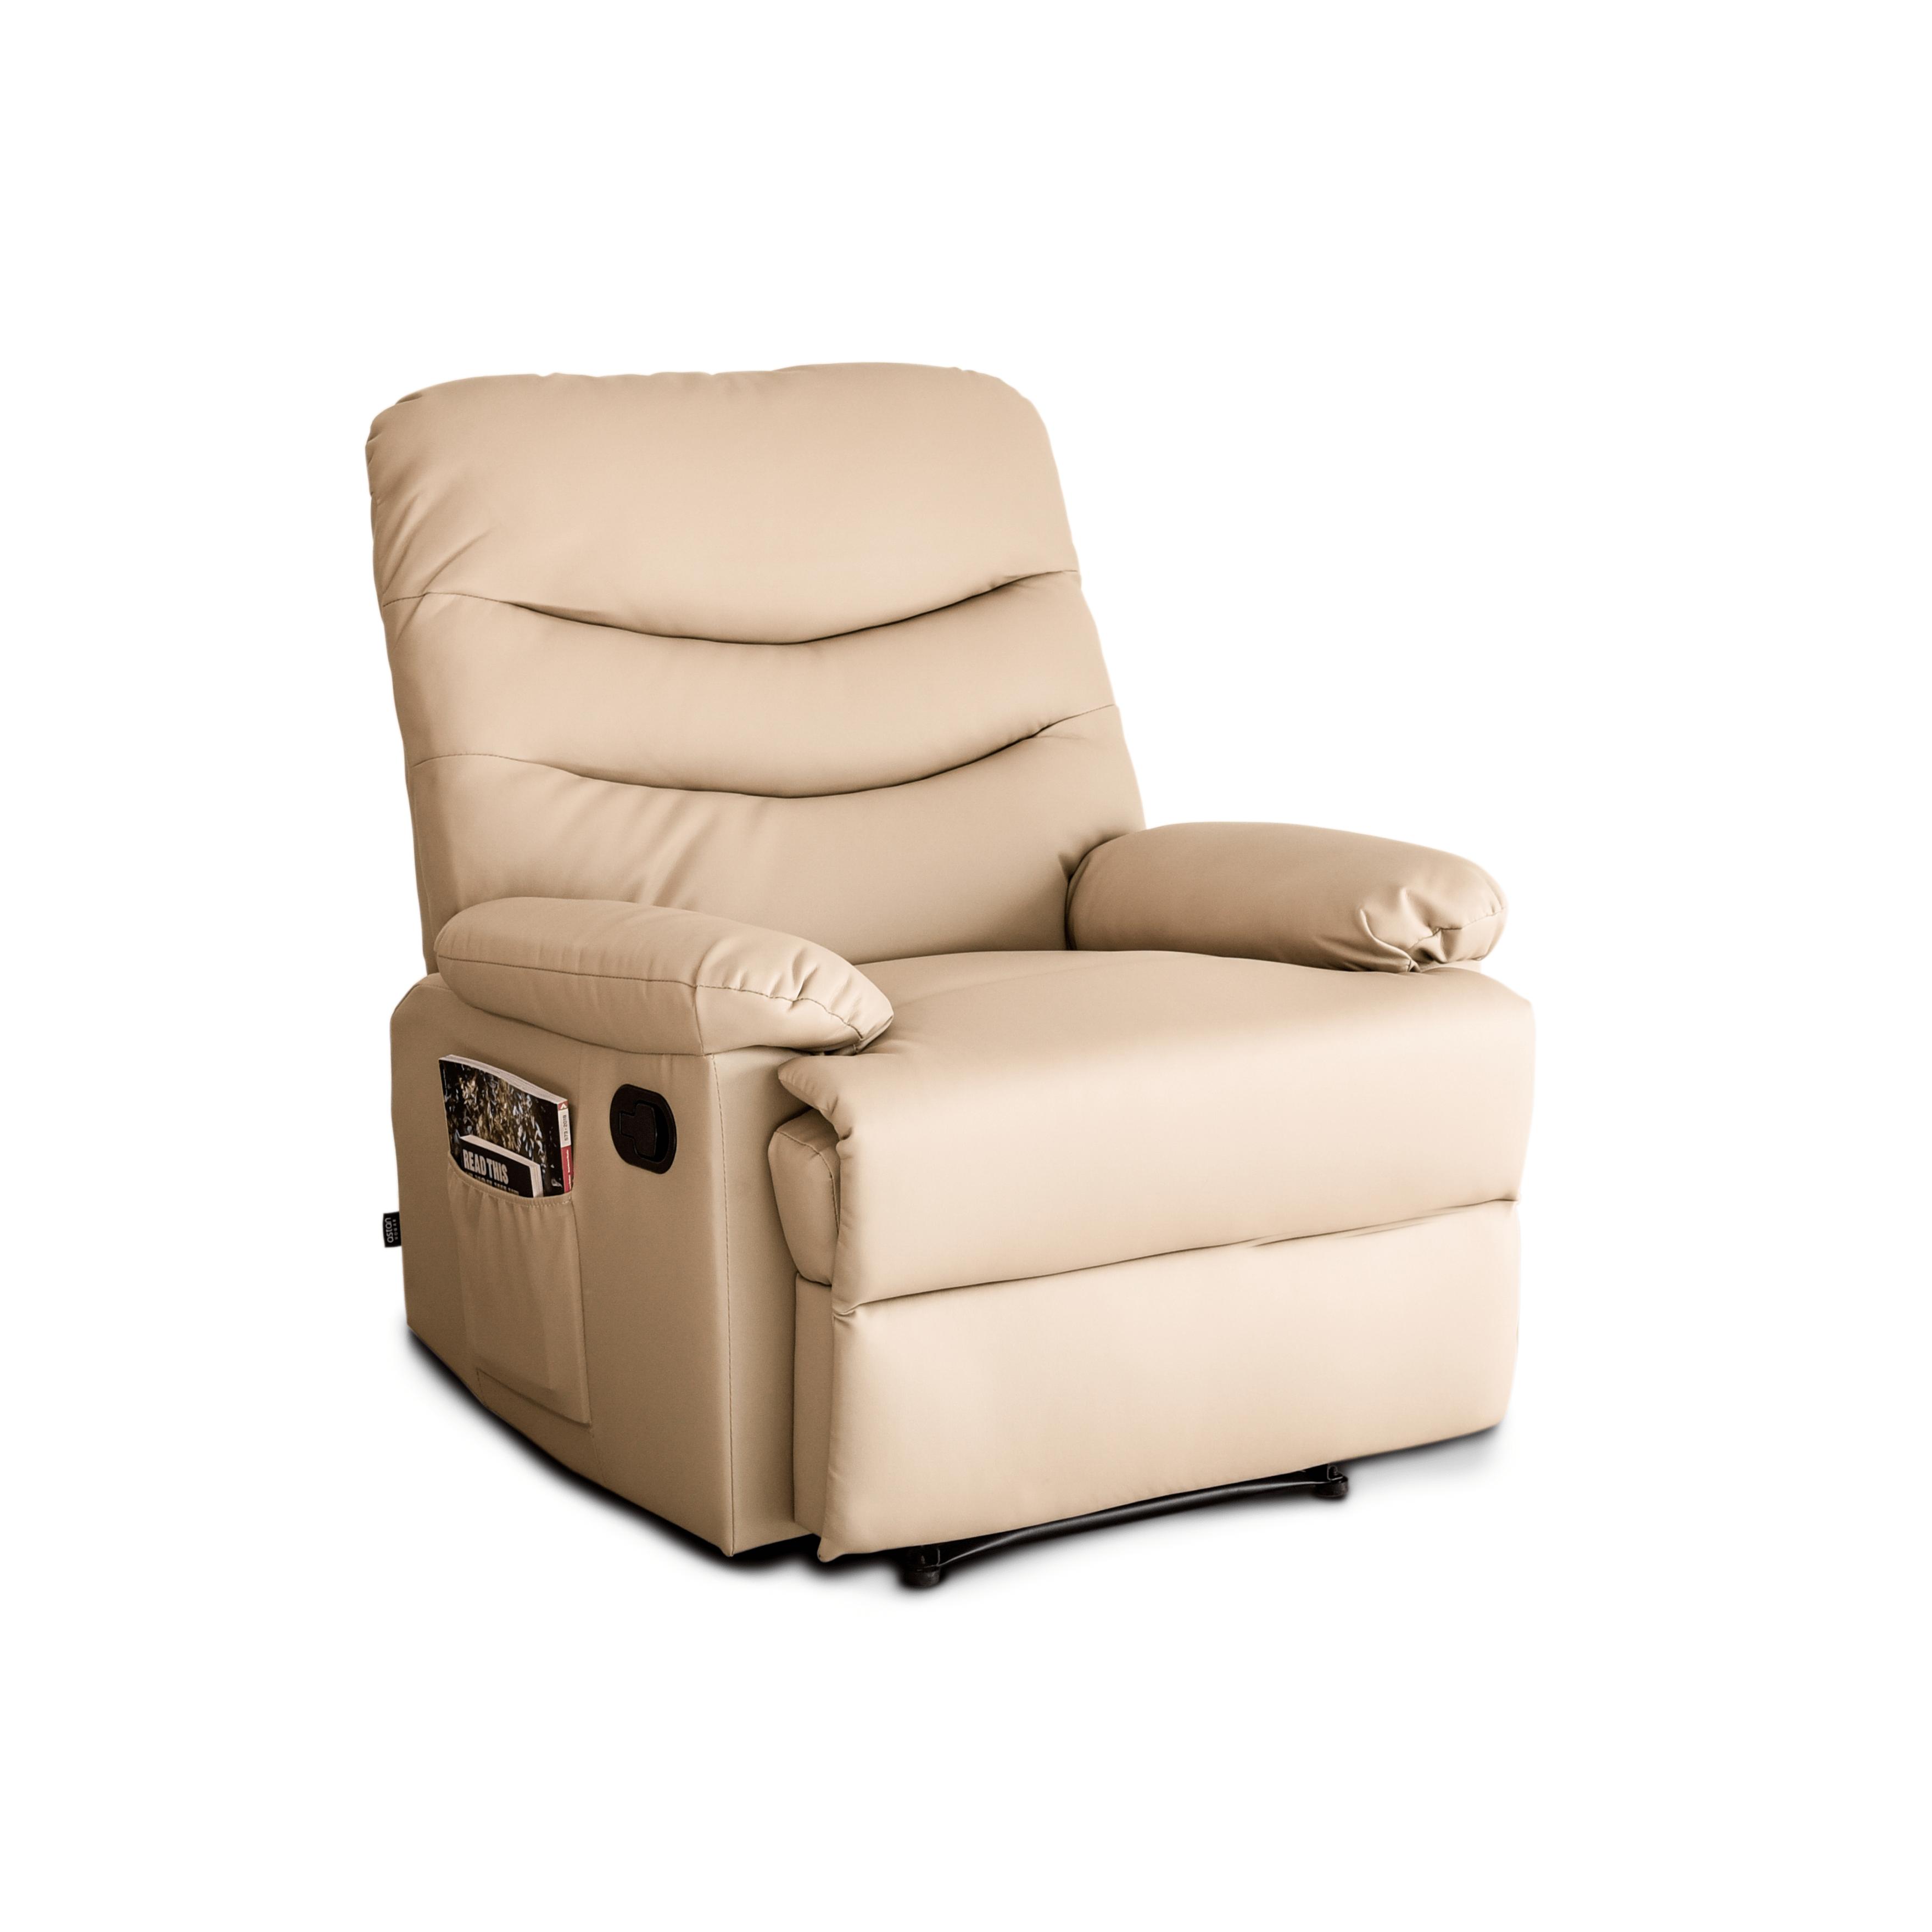 Sillón Relax Termoterapia Reclinable Coomodo AH-AR30200 1